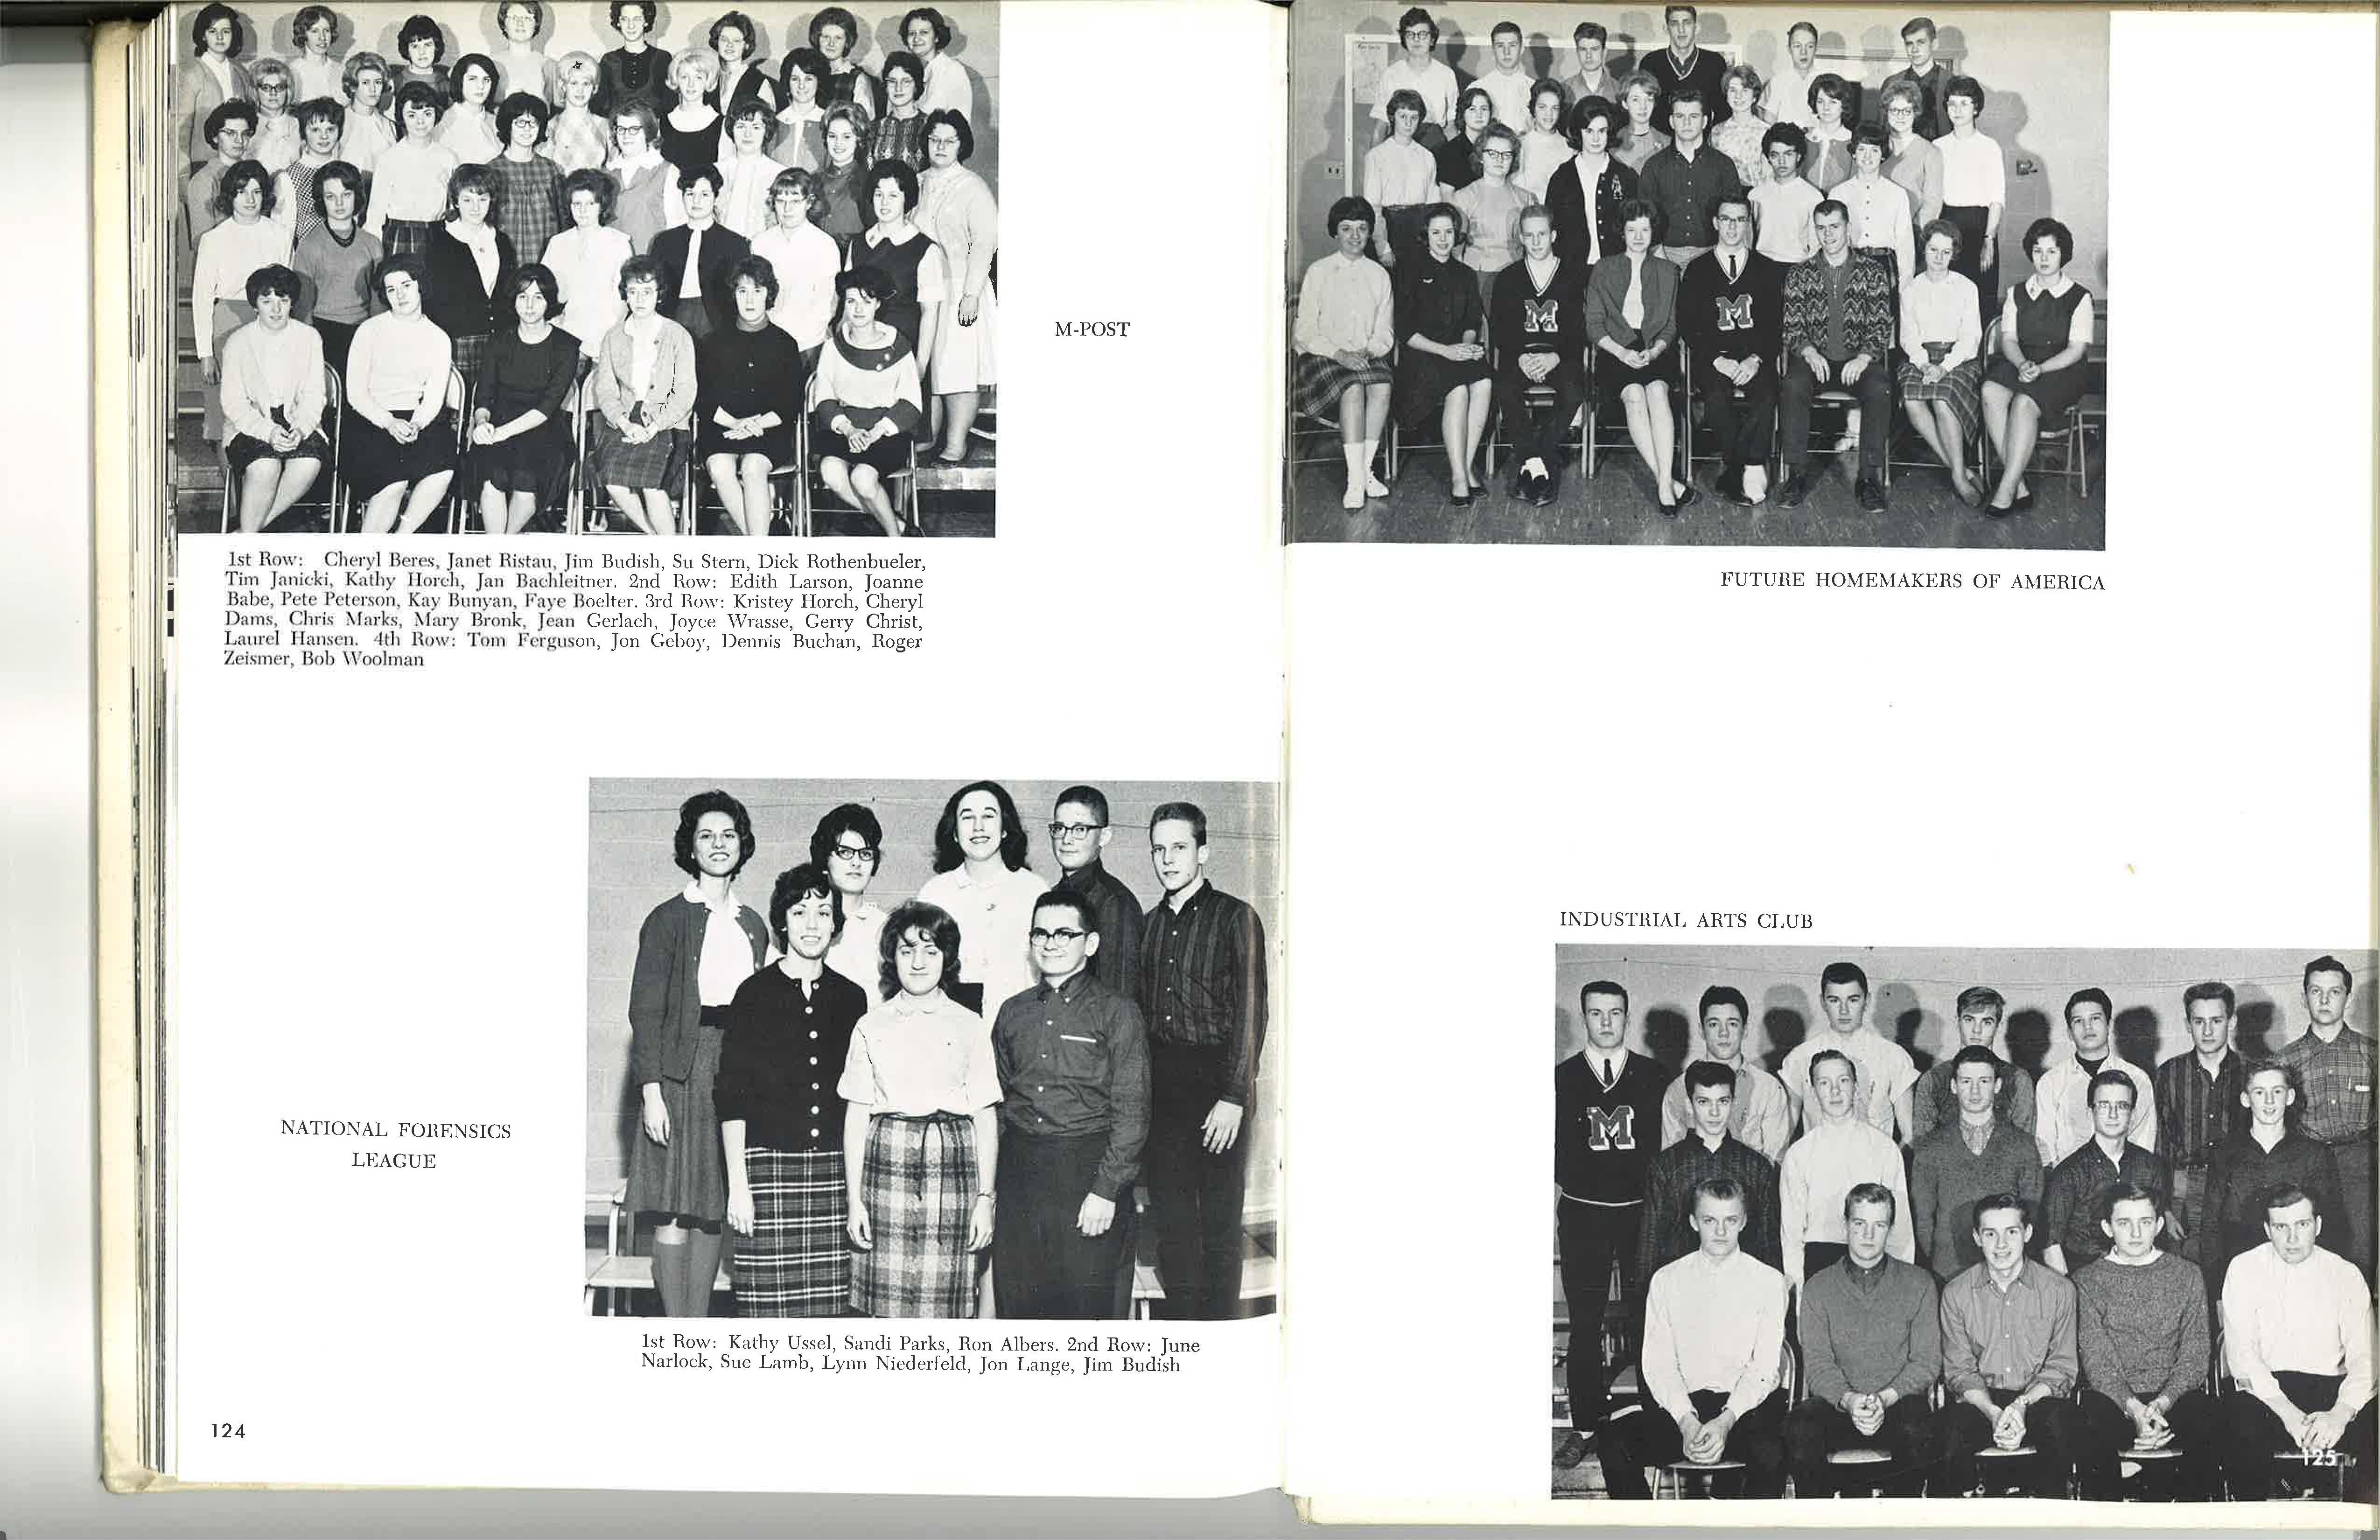 1964_Yearbook_Clubs_124-125.jpg